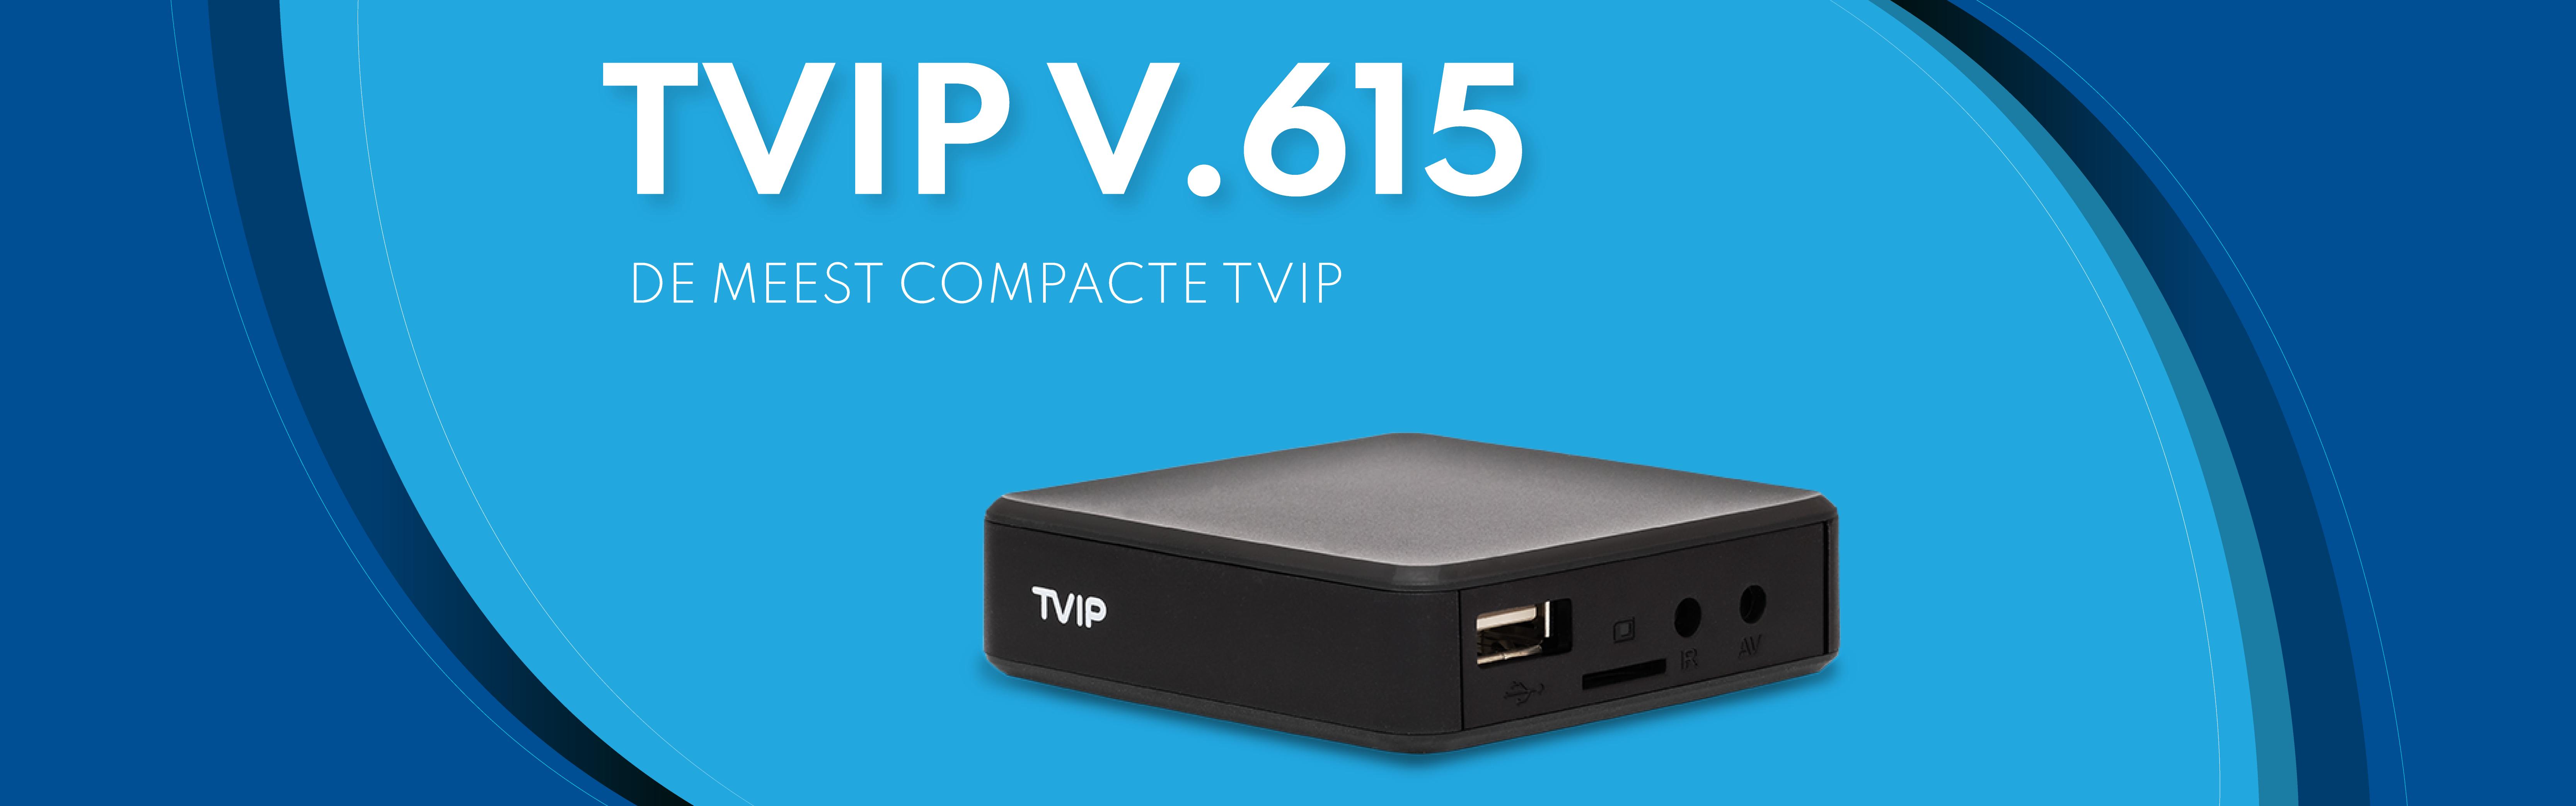 TVIP-615-banner